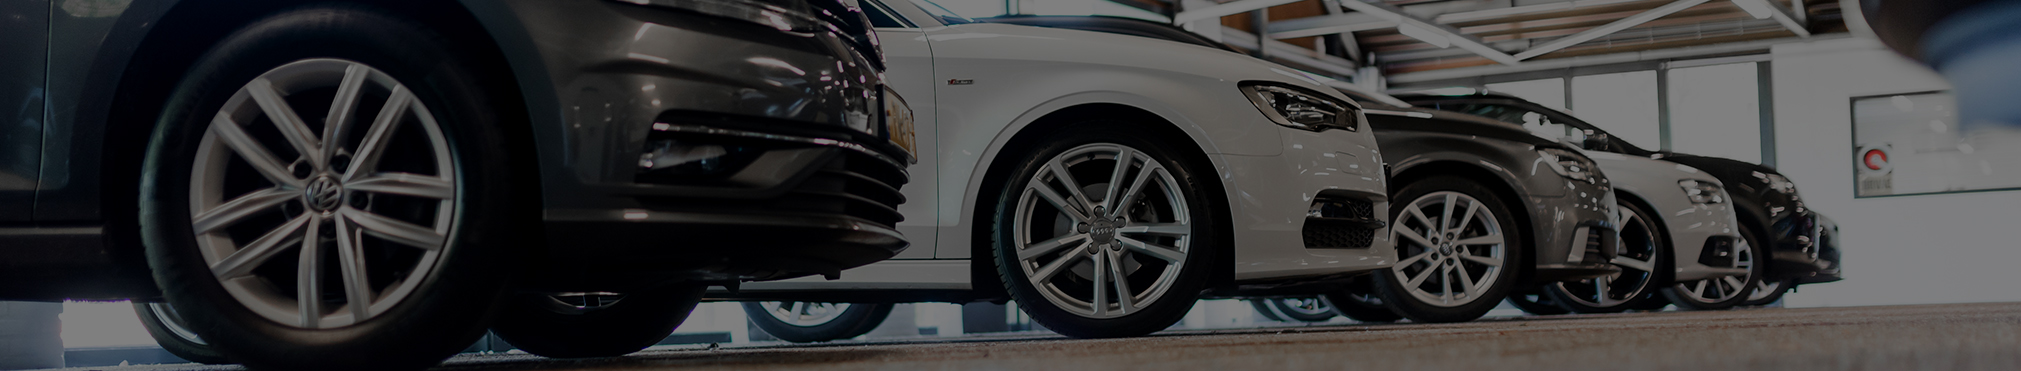 auto verkoop autobedrijf Mulder